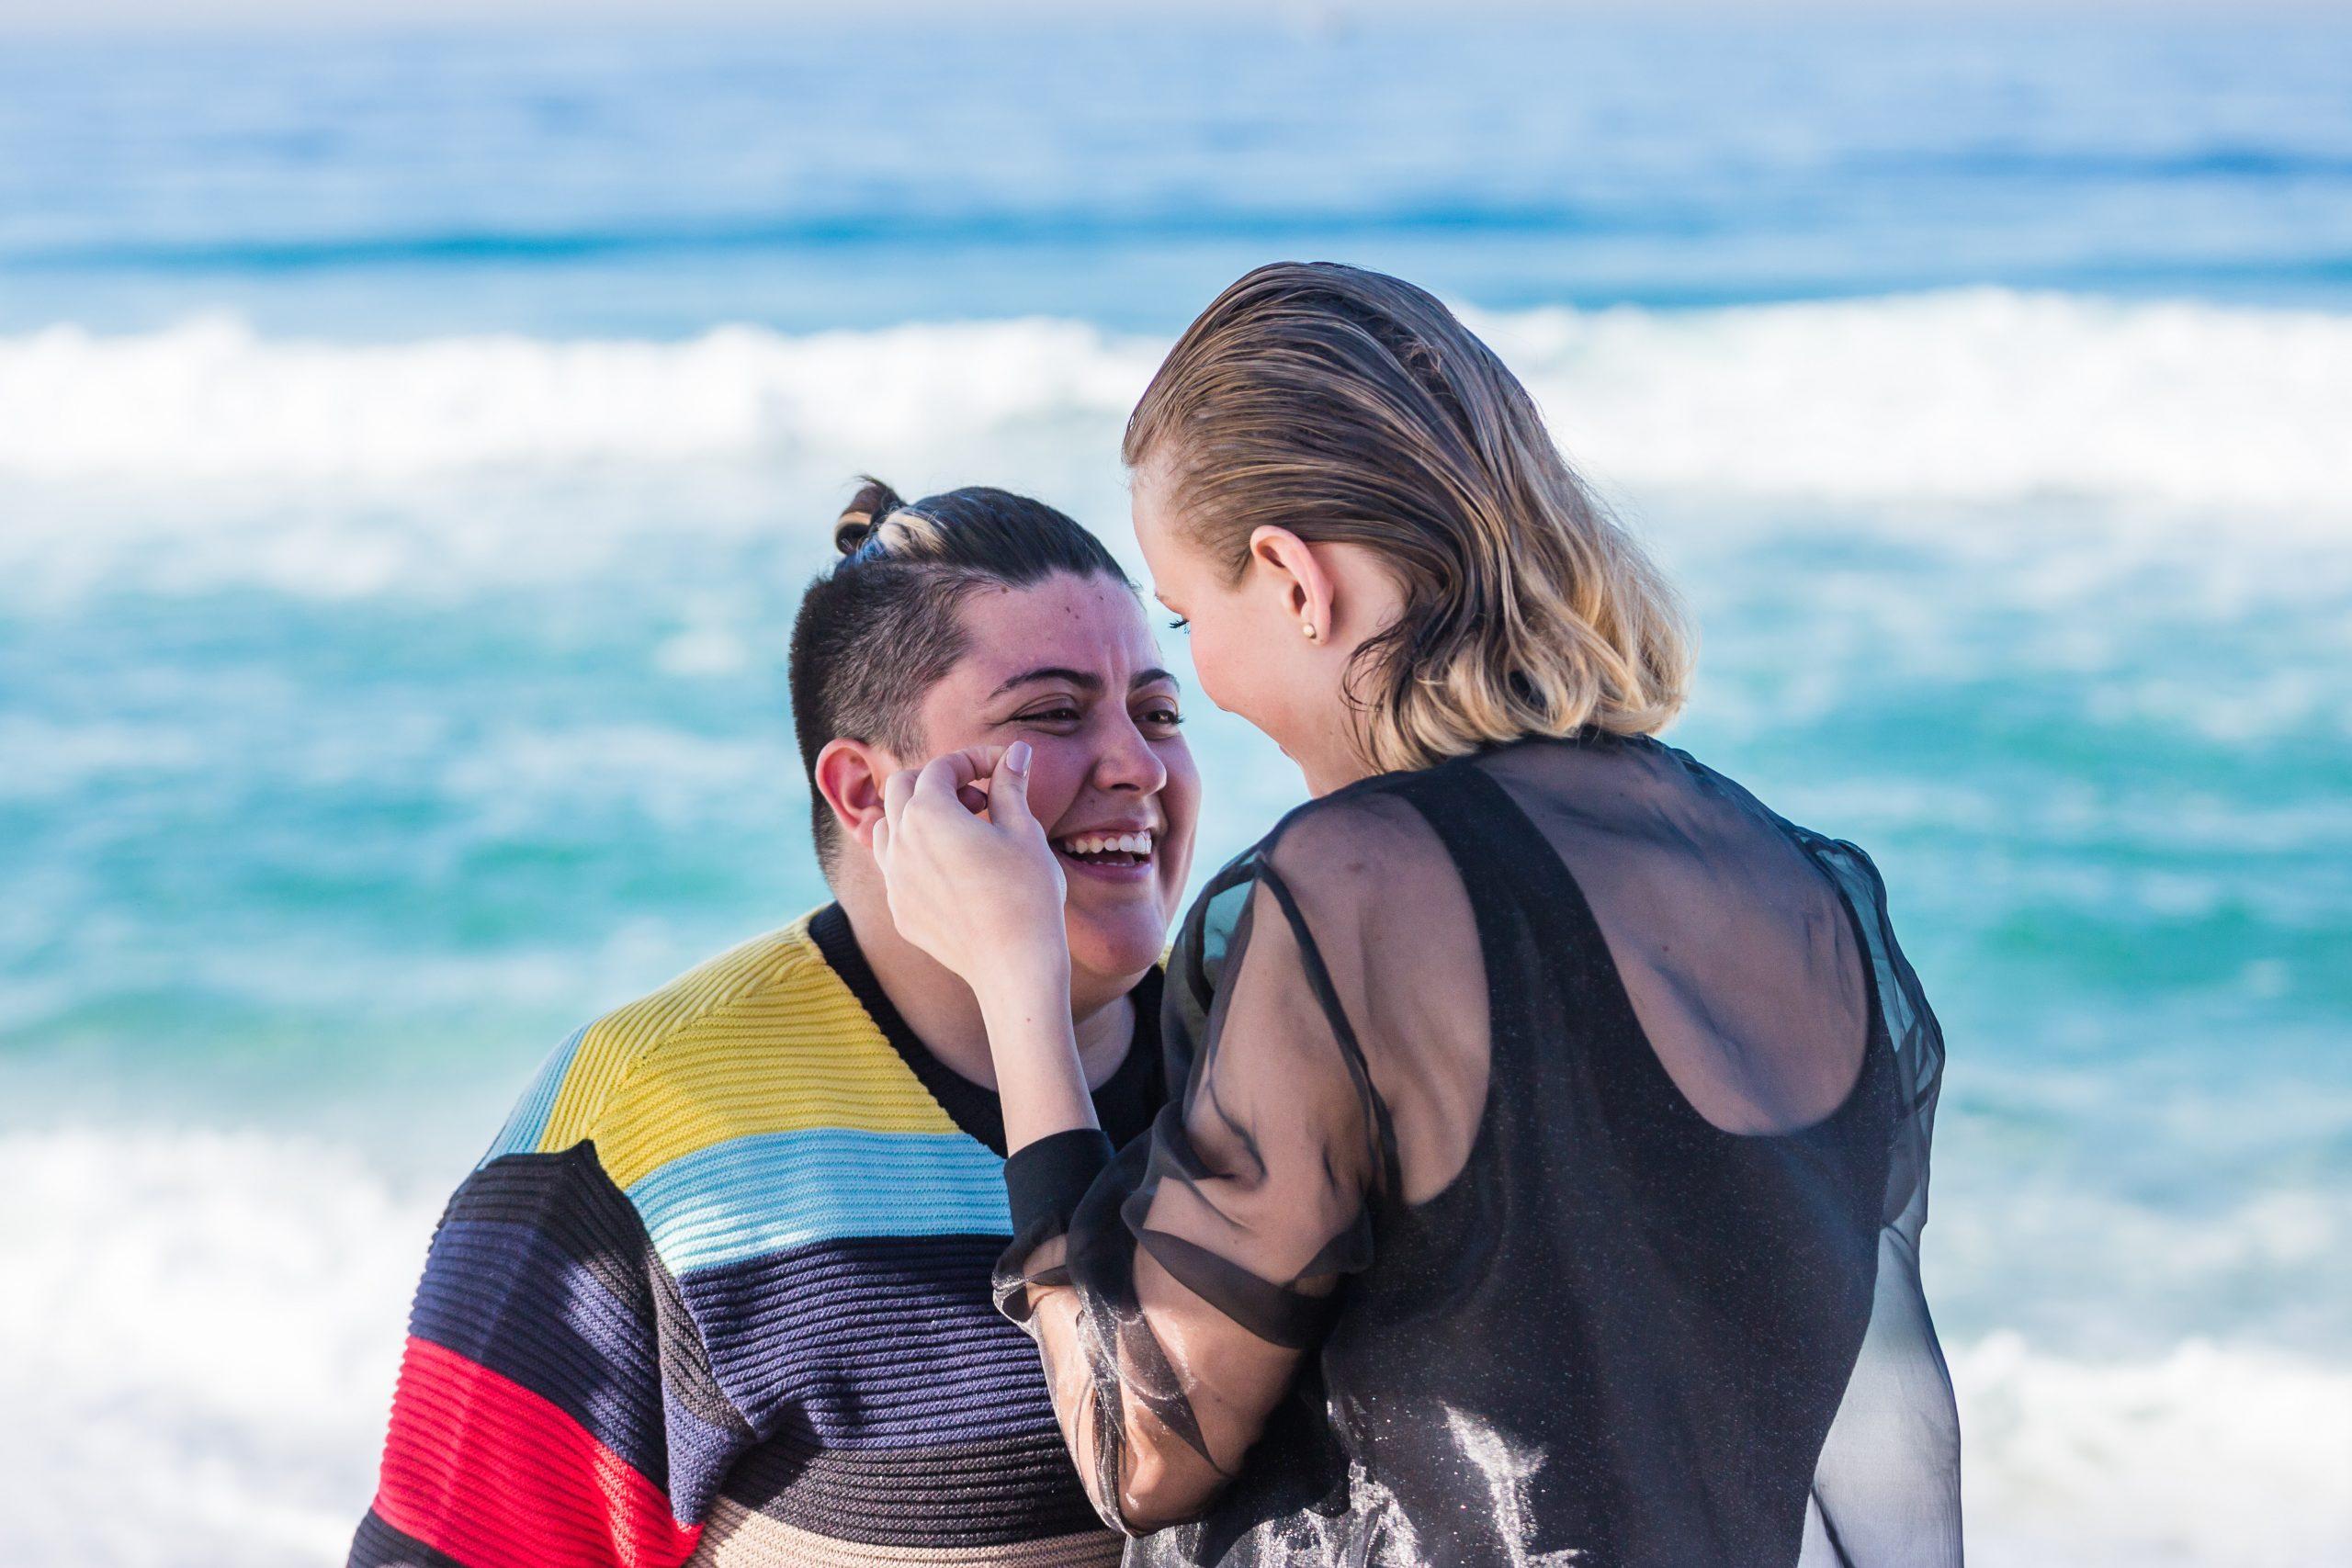 Ana Vilela contracena com a atriz Luana Colpani no clipe/Crédito: Patrick Gomes